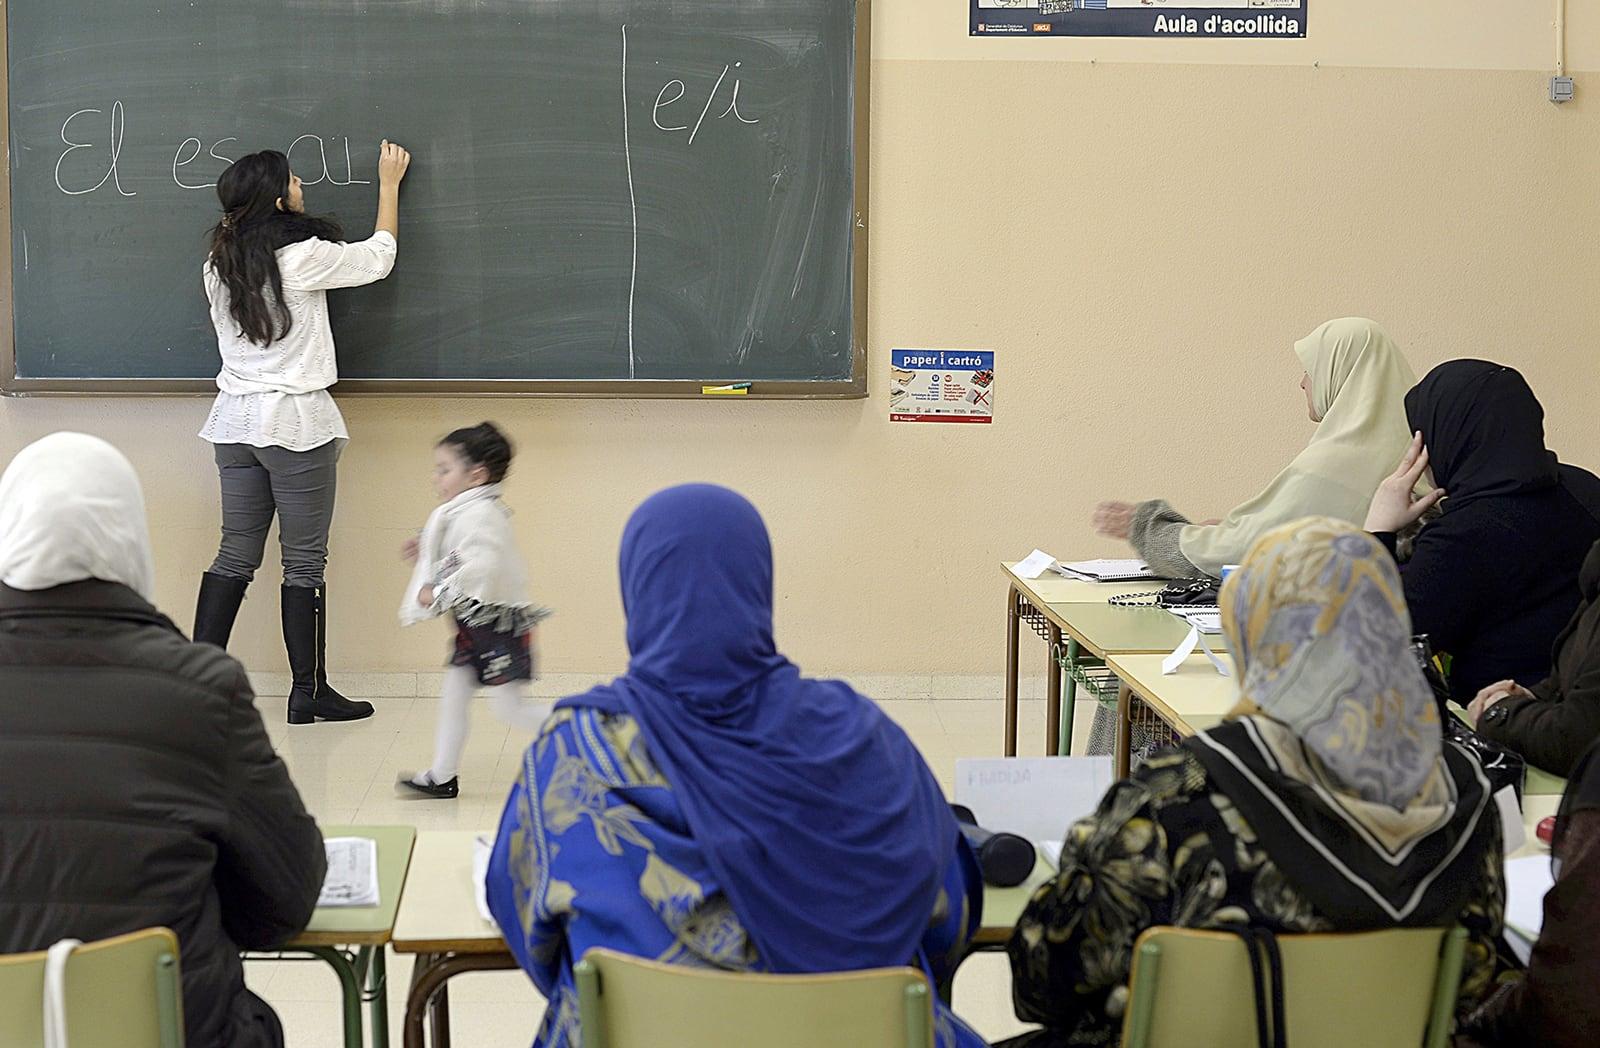 Una classe de català per immigrants a Tarragona, el 2013. Fotografia de Lluís Gené. Getty Images.